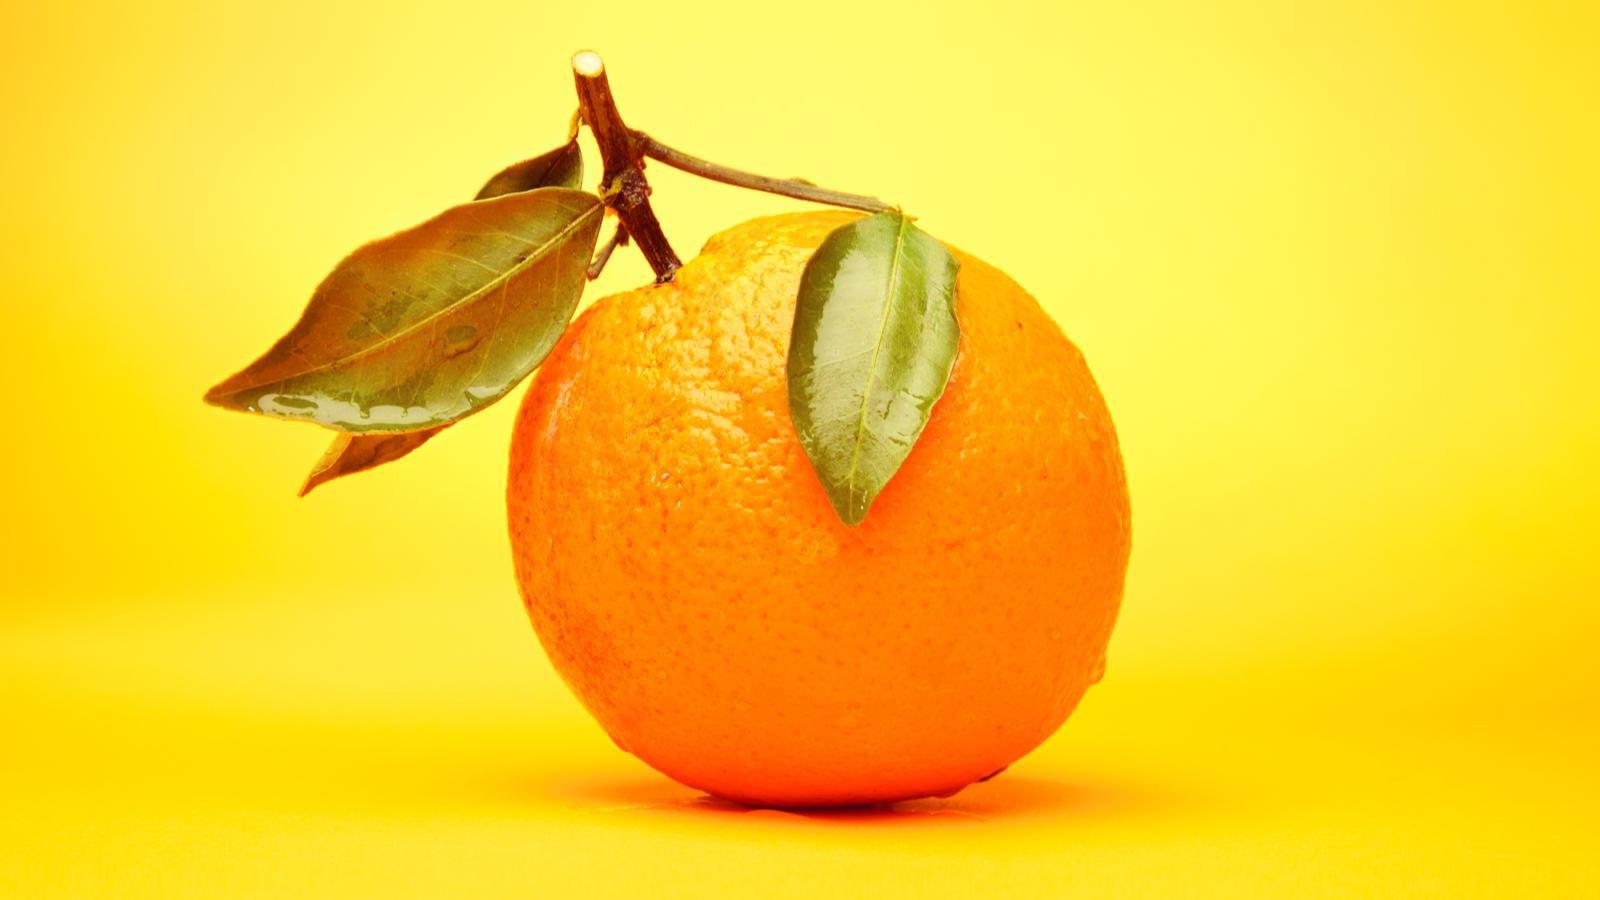 Hoang mang chẳng biết từ quả cam hay màu cam có trước? Câu trả lời đã được người Anh xác thực rồi đây - Ảnh 1.